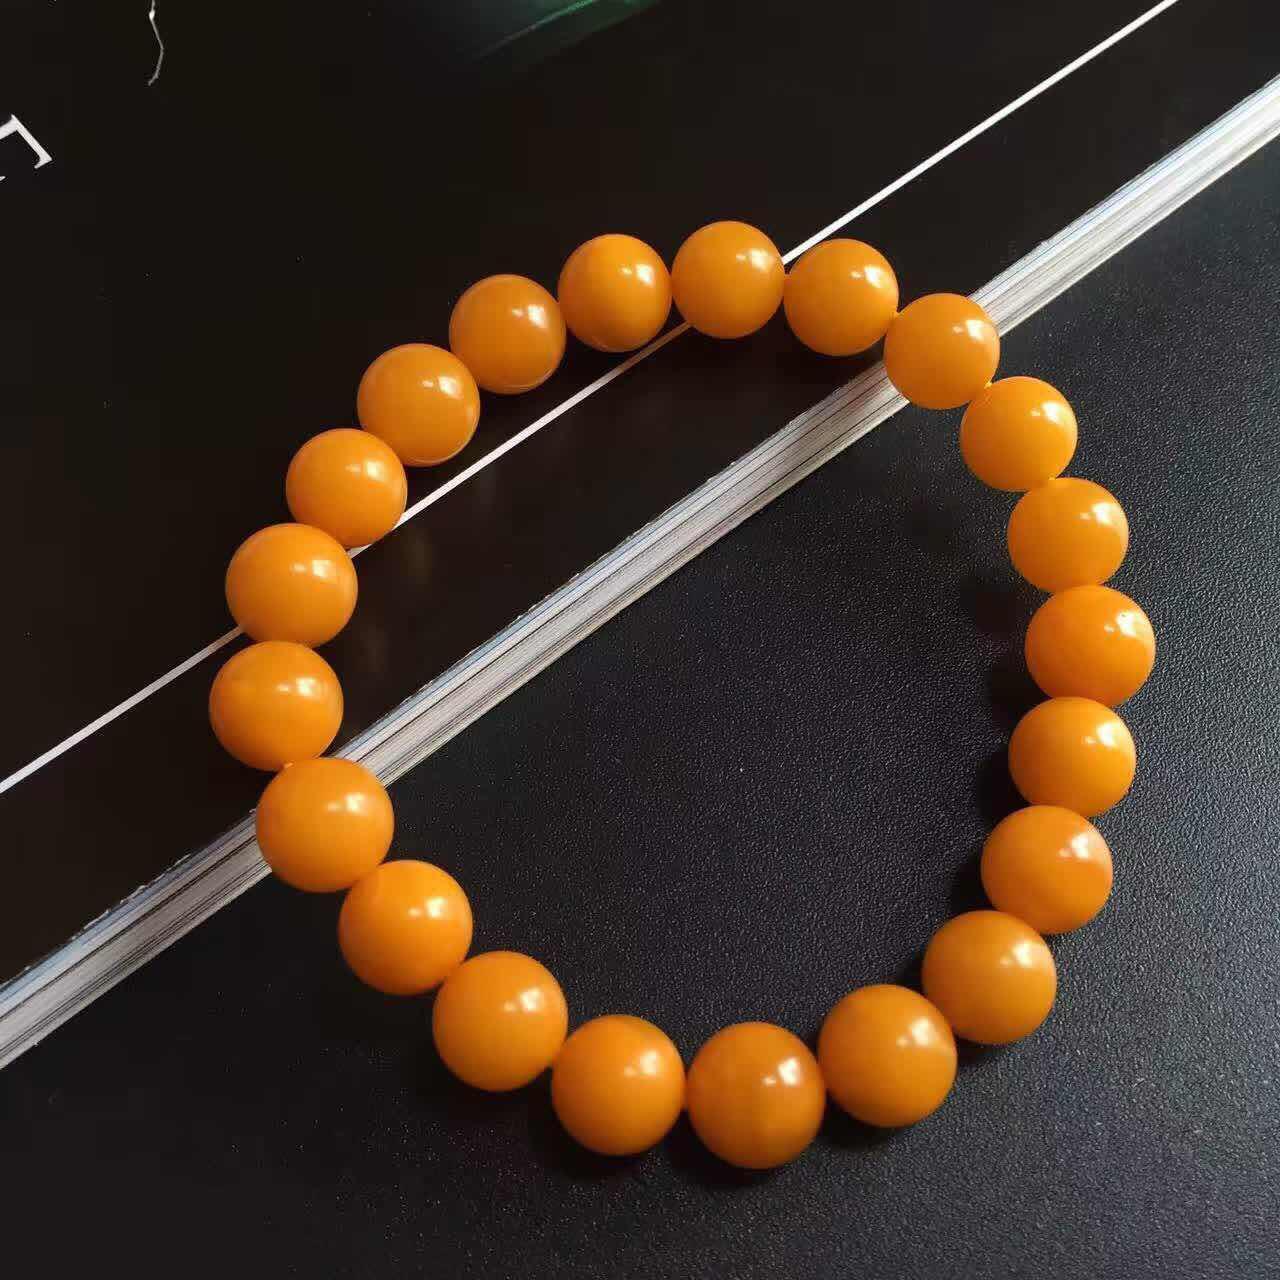 这是第3张天然翡翠玉石,和田玉,琥珀蜜蜡厂家招代理的货源图片